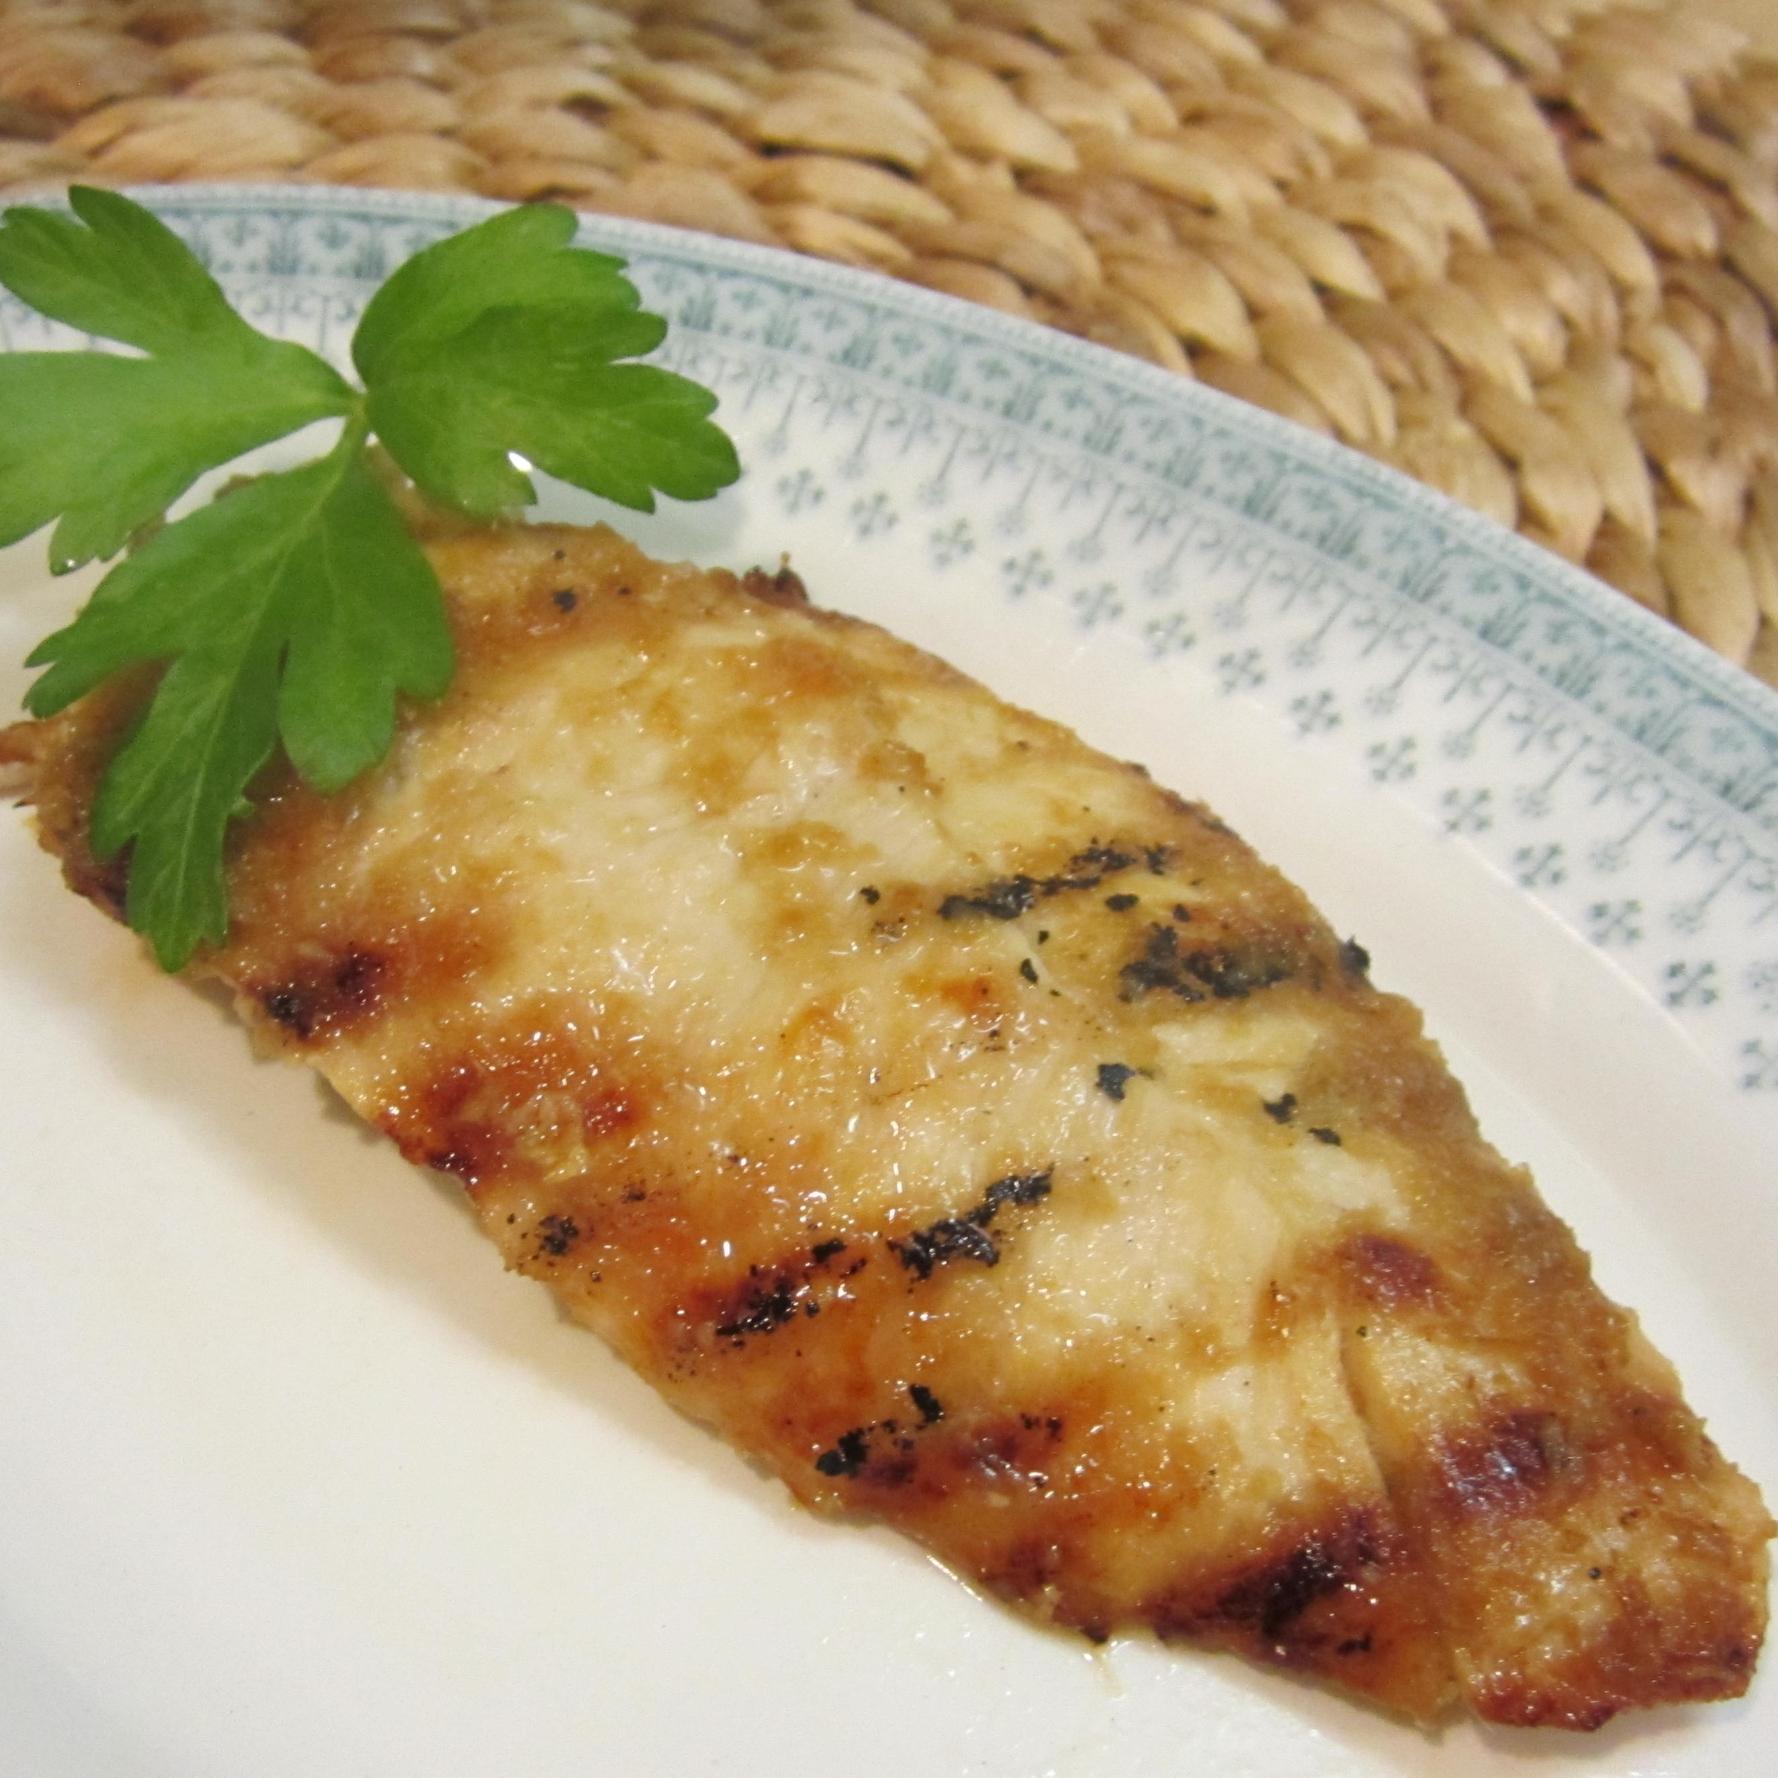 Ginger-Garlic Grilled Chicken image